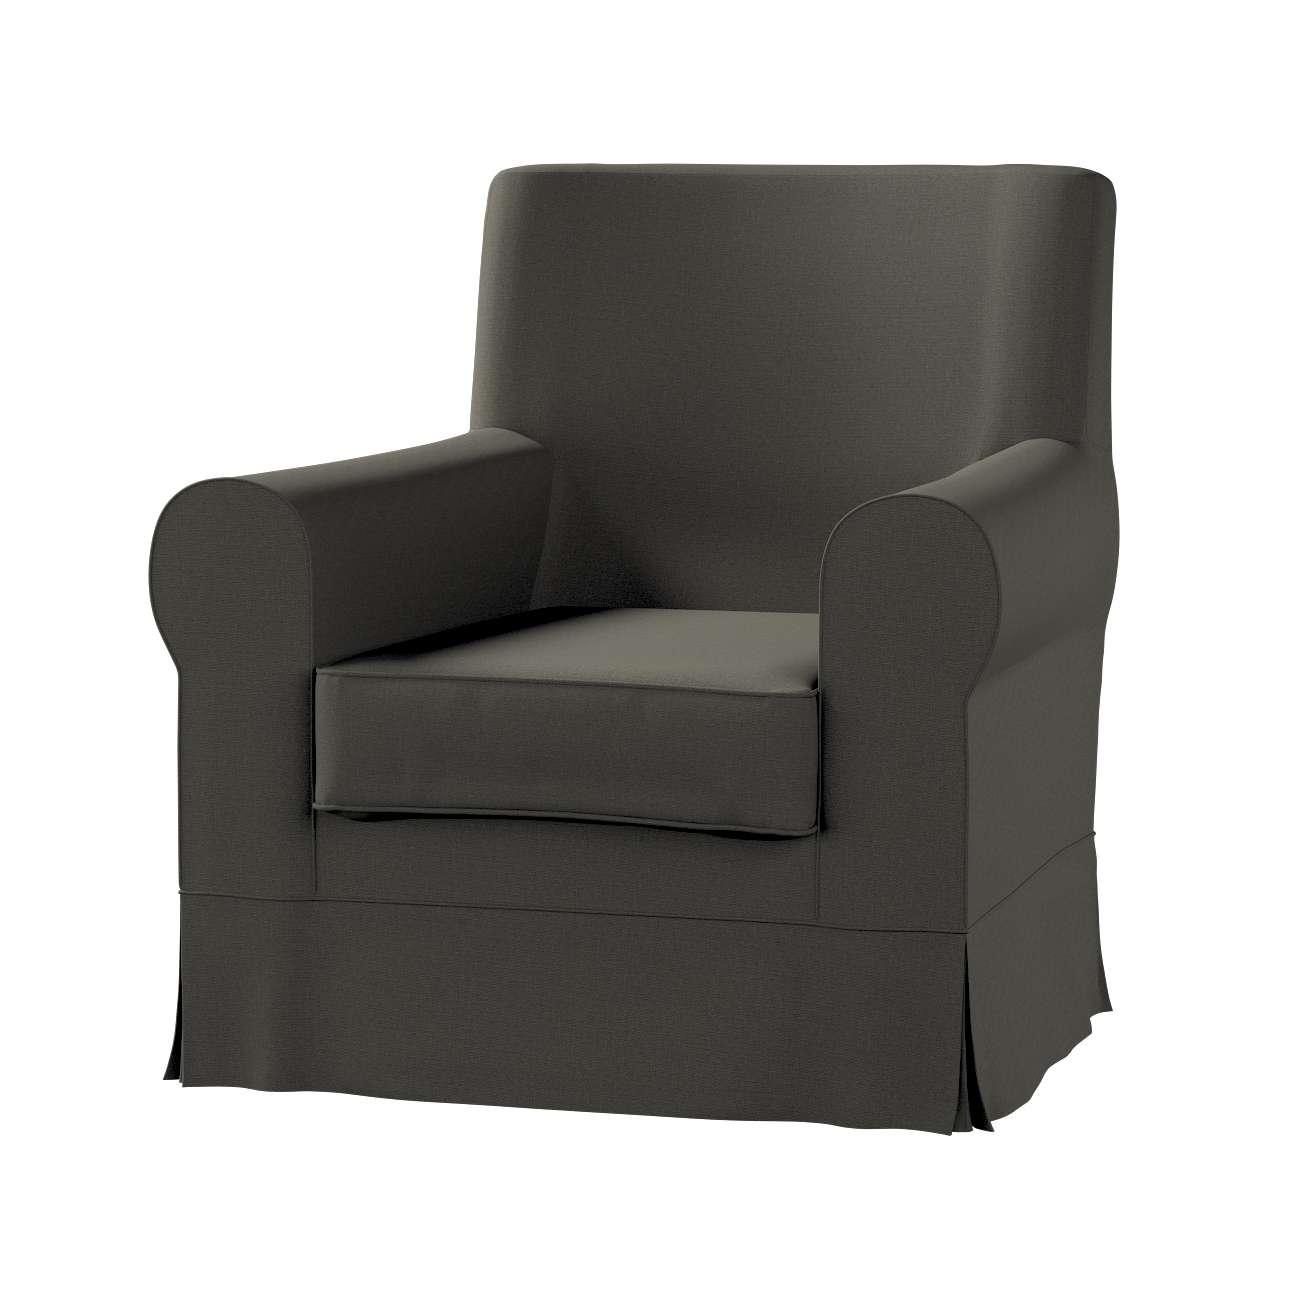 Pokrowiec na fotel Ektorp Jennylund w kolekcji Living, tkanina: 161-55